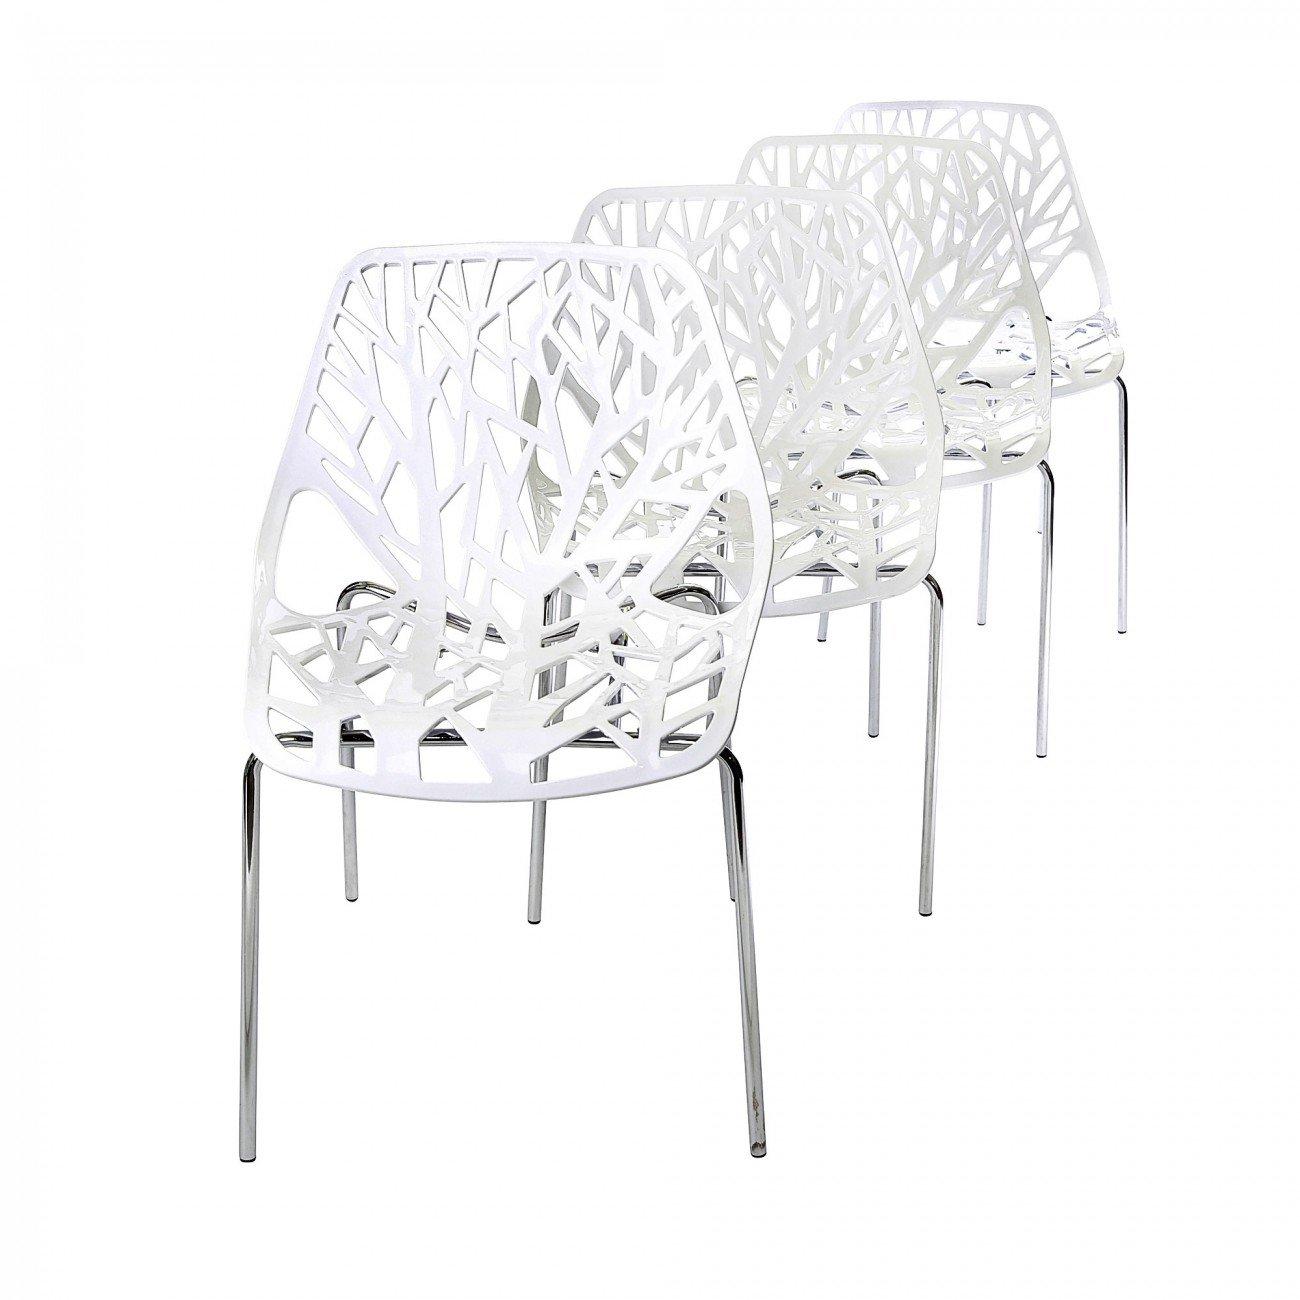 Makika Chaise de Design Siège de Bureau Salle à Manger Salon Retro moderne CALUNA de 4 en Blanc